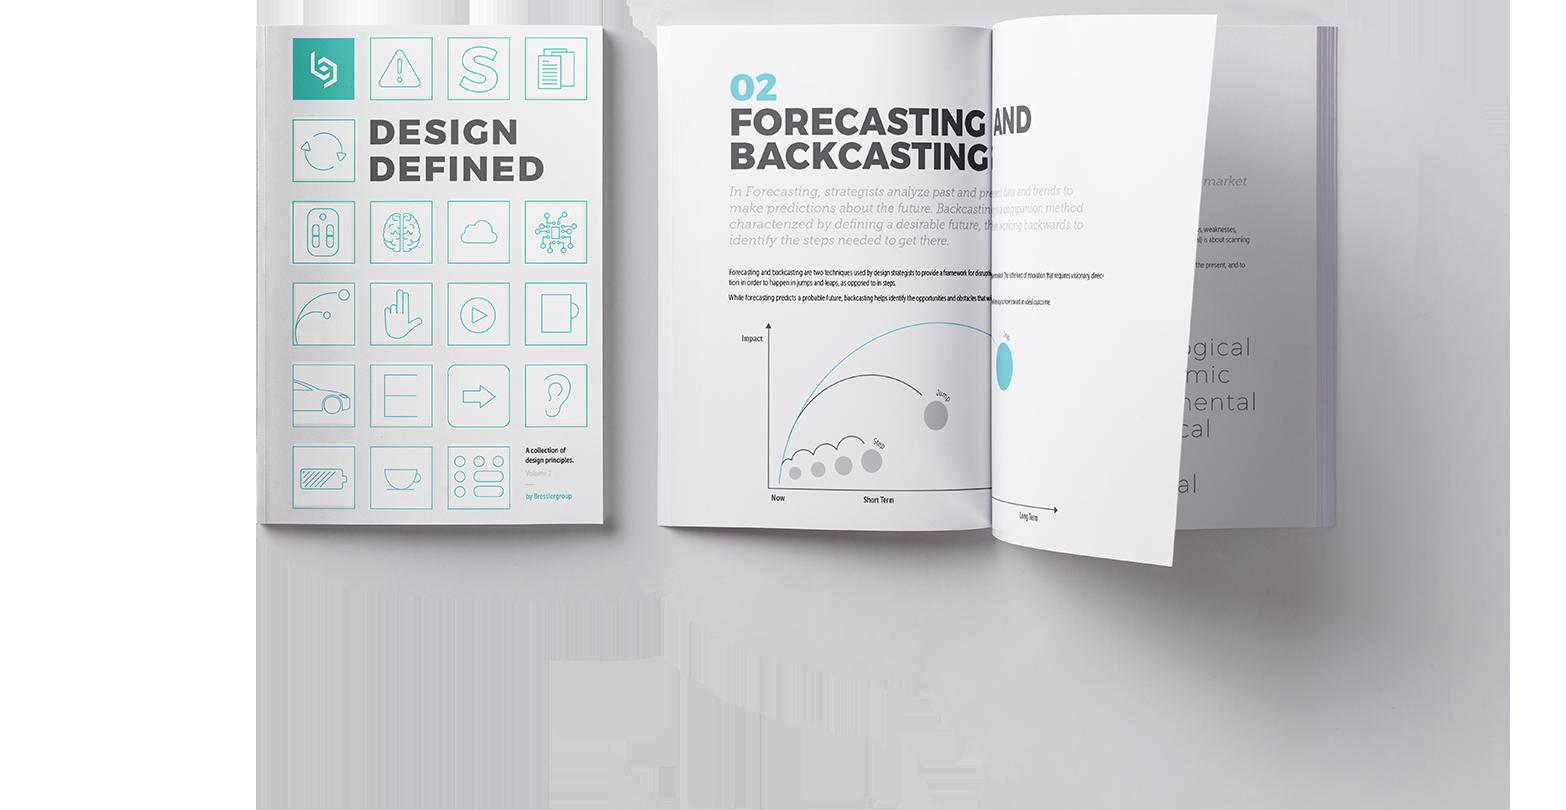 Bresslergroup's Design Defined eBook